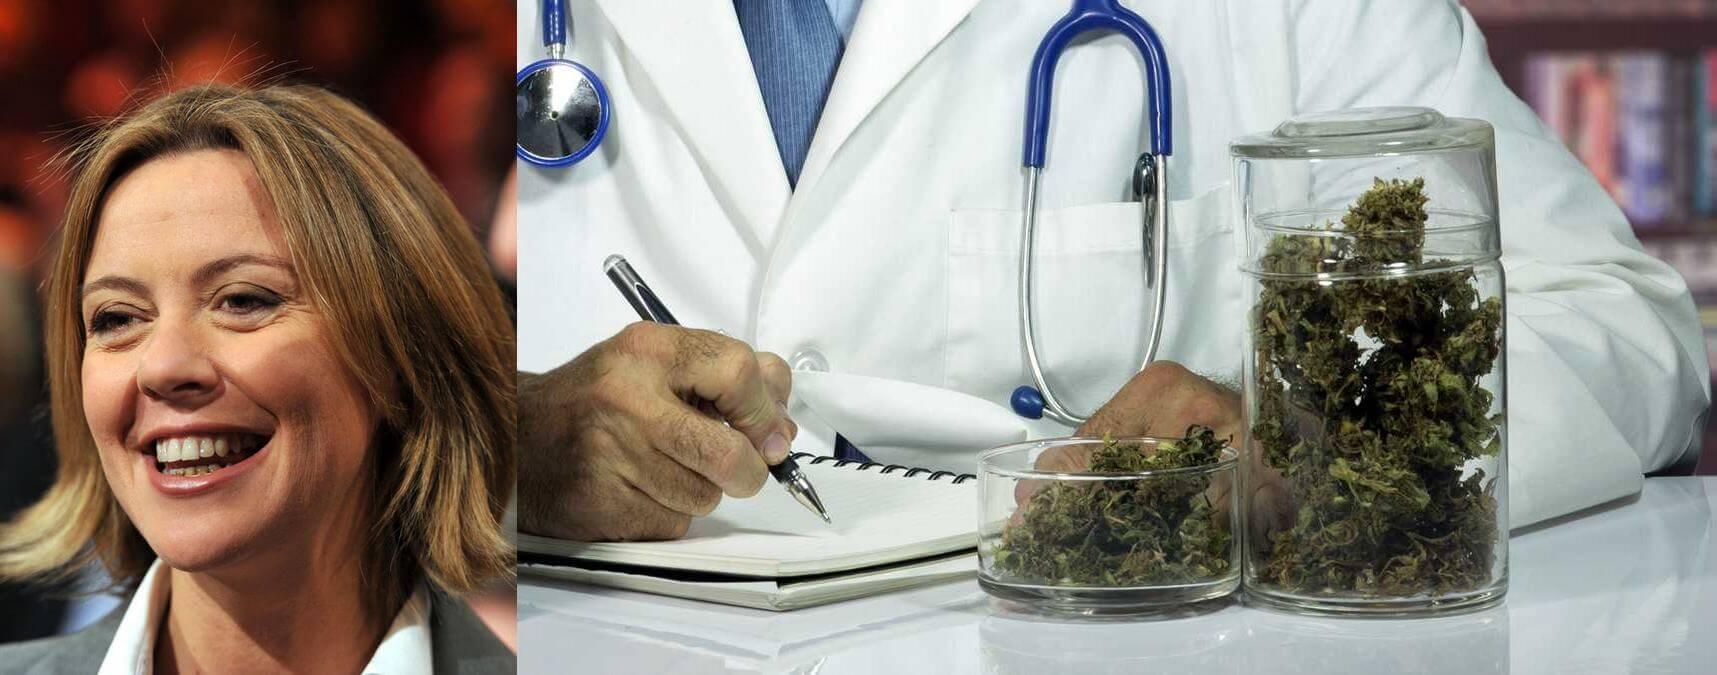 La Ministre de la Santé Italienne souhaite cultiver du cannabis thérapeutique